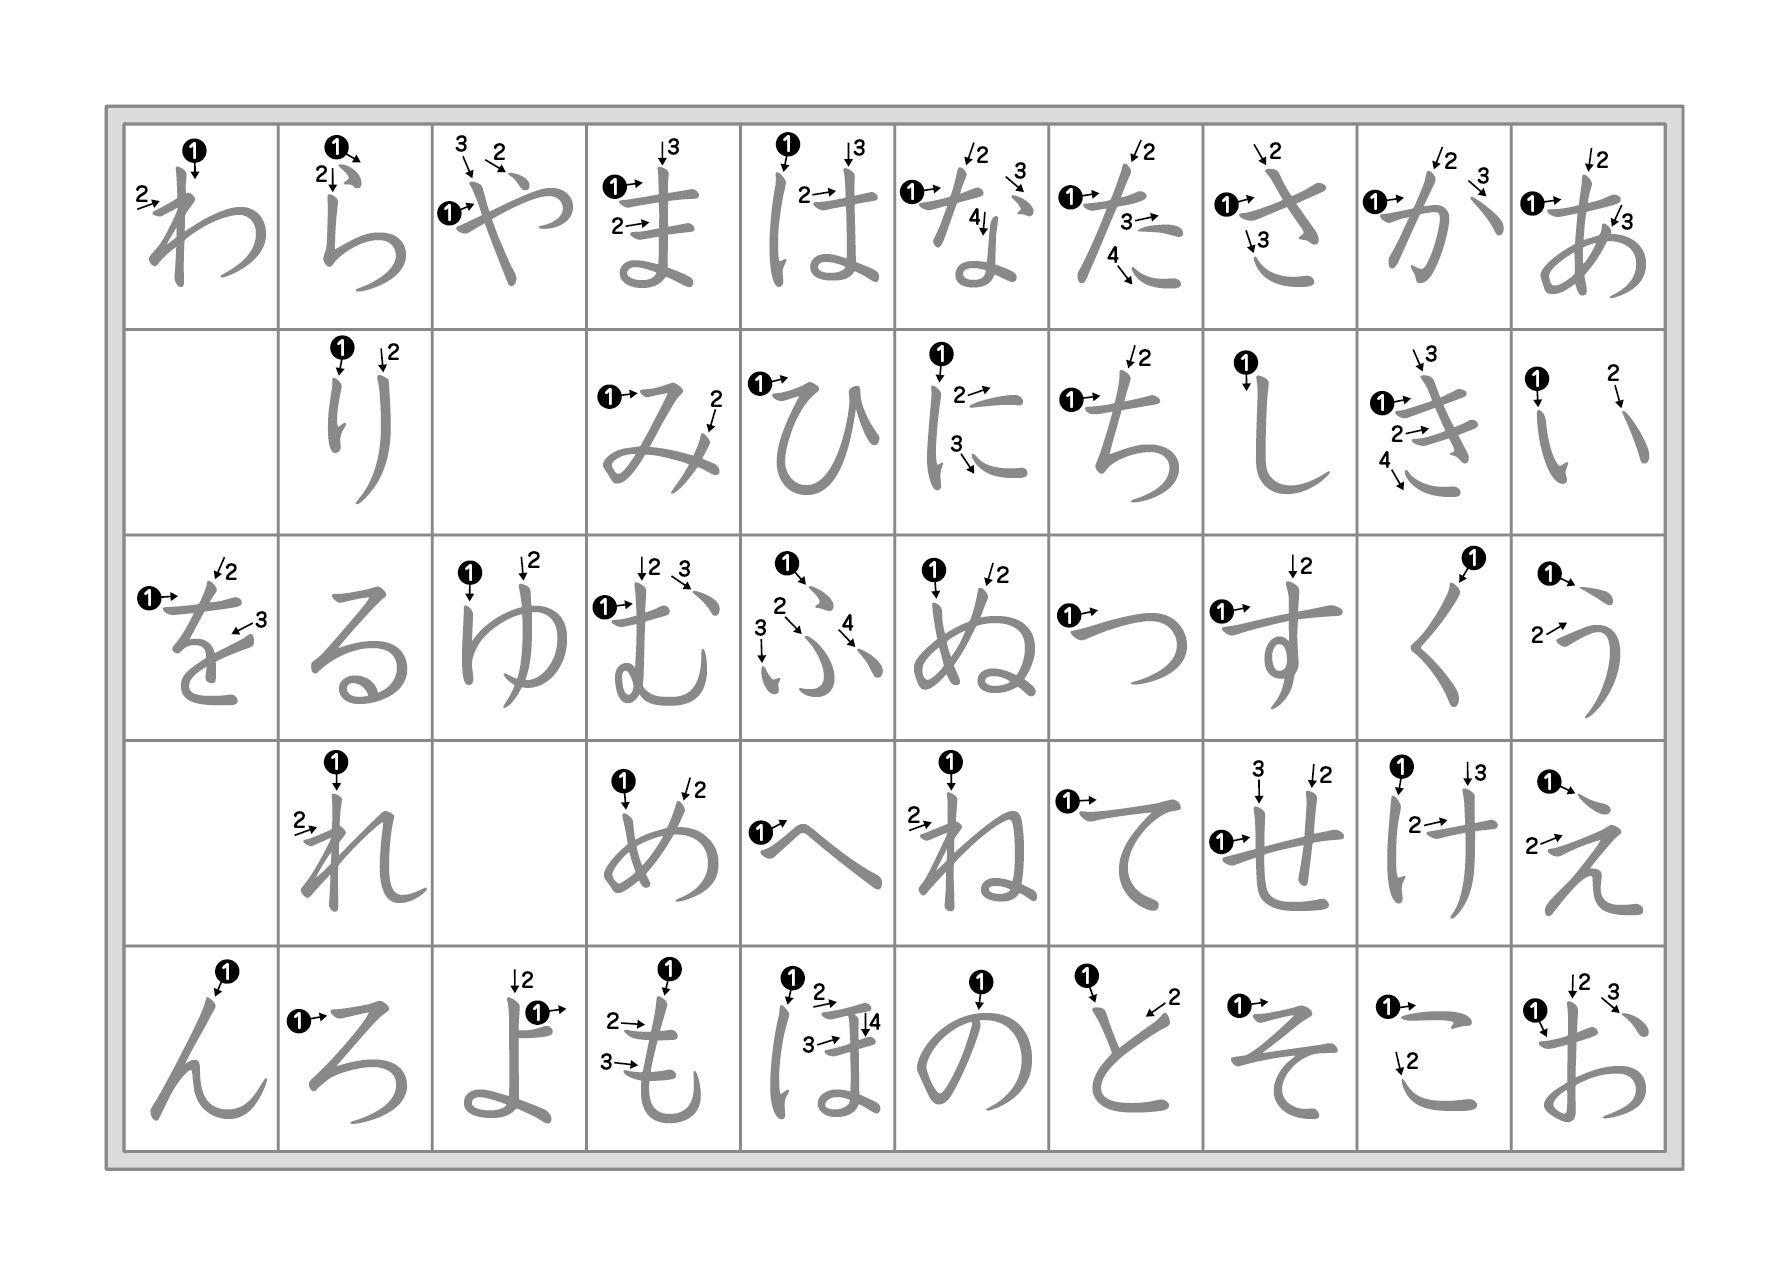 hight resolution of sasagami358 s hiragana stroke order chart